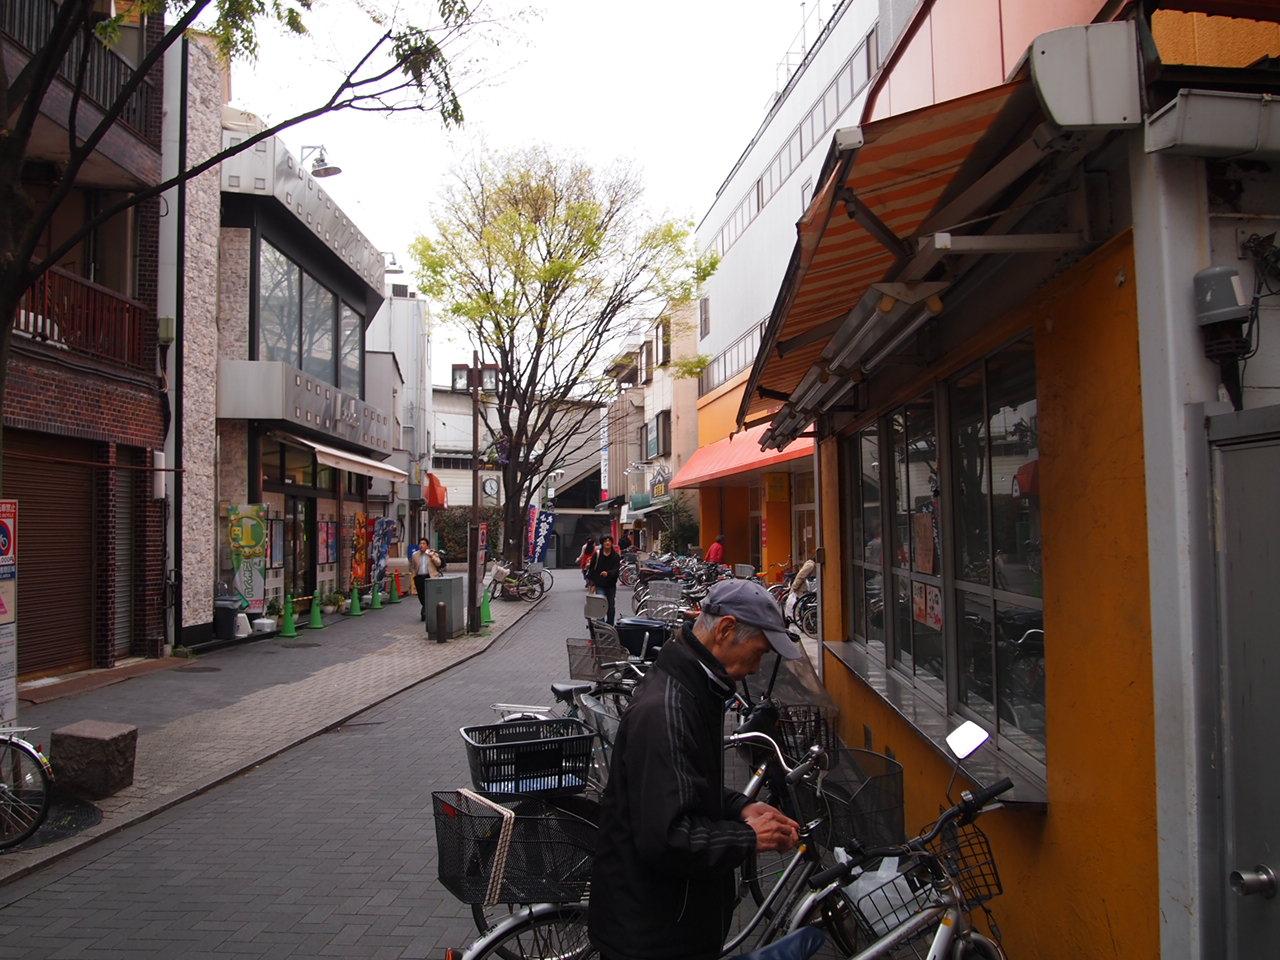 葛飾区の堀切菖蒲園駅界隈散歩_a0214329_0254790.jpg